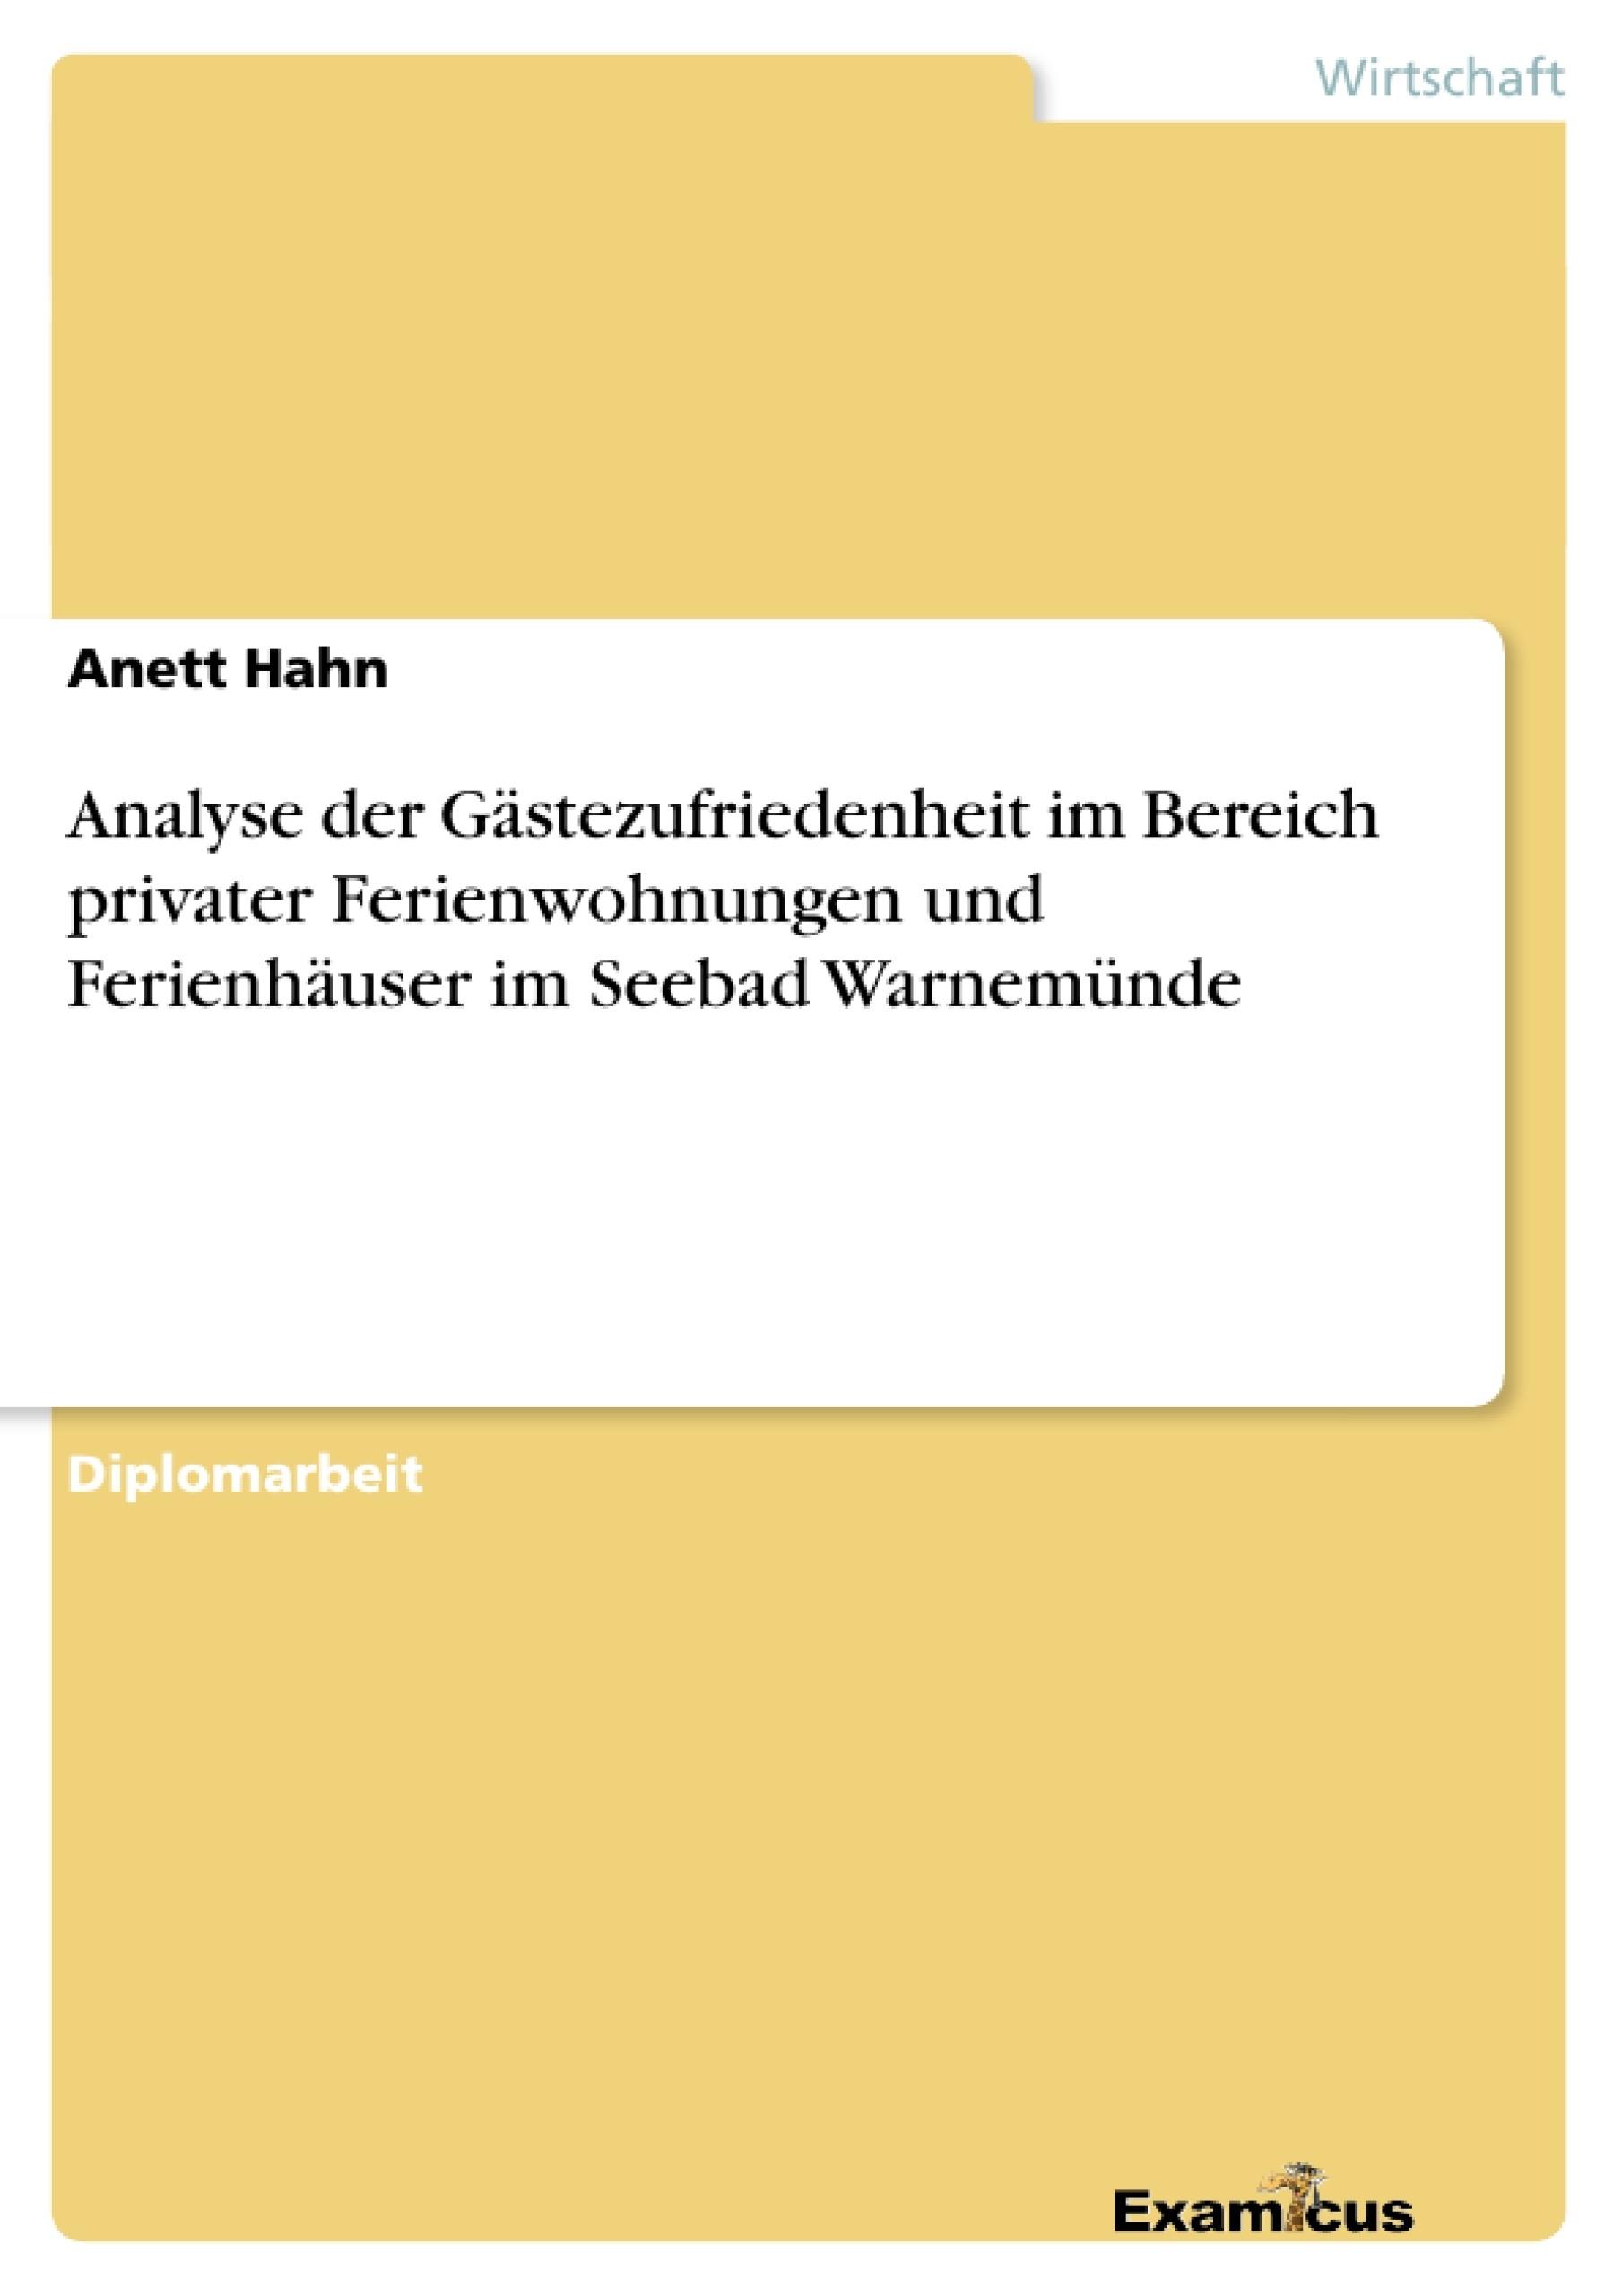 Titel: Analyse der Gästezufriedenheit im Bereich privater Ferienwohnungen und Ferienhäuser im Seebad Warnemünde